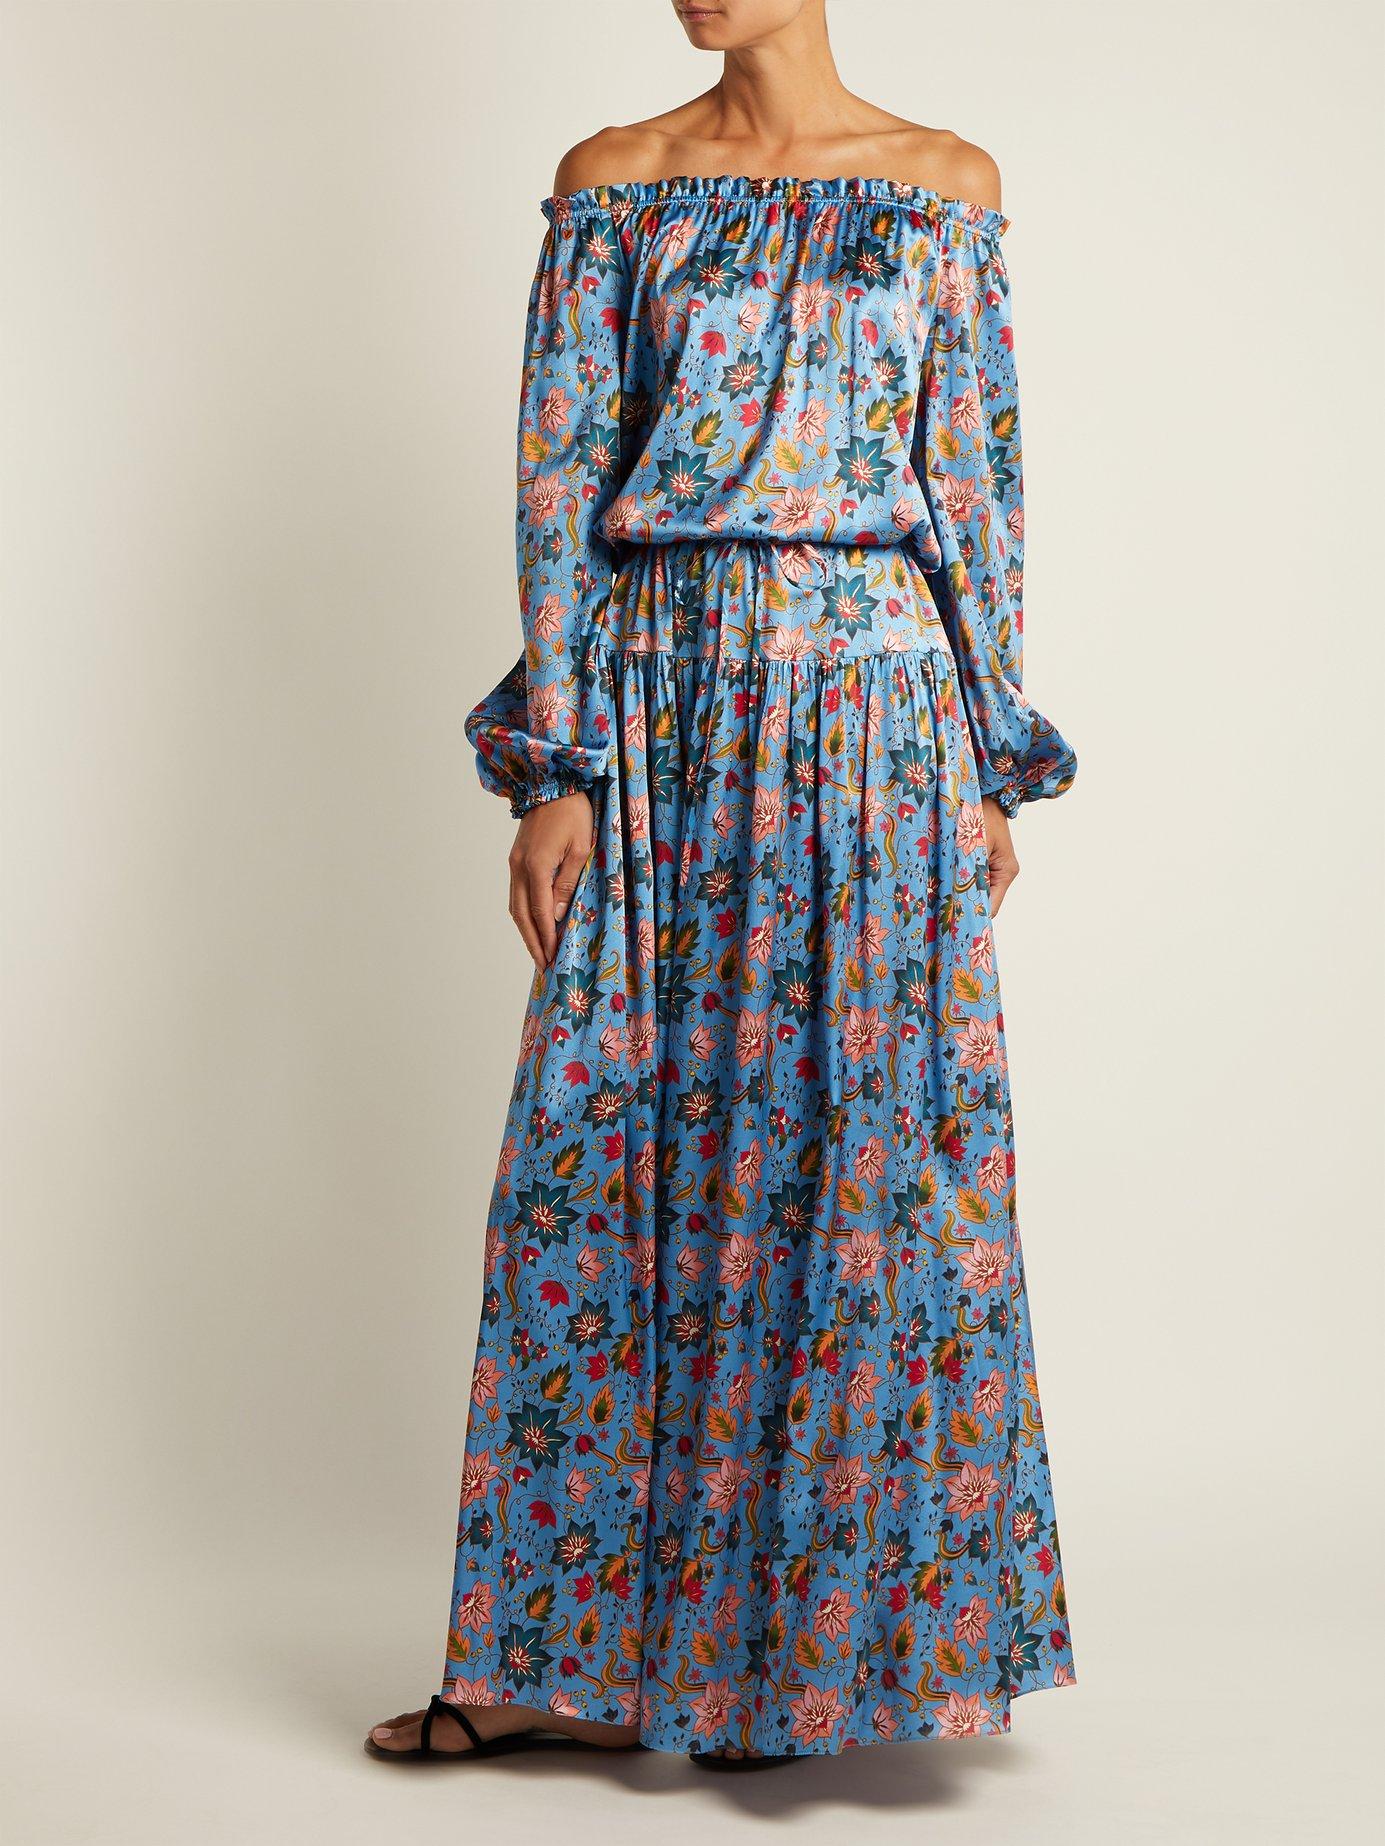 Creek floral-print stretch-silk dress by Adriana Iglesias